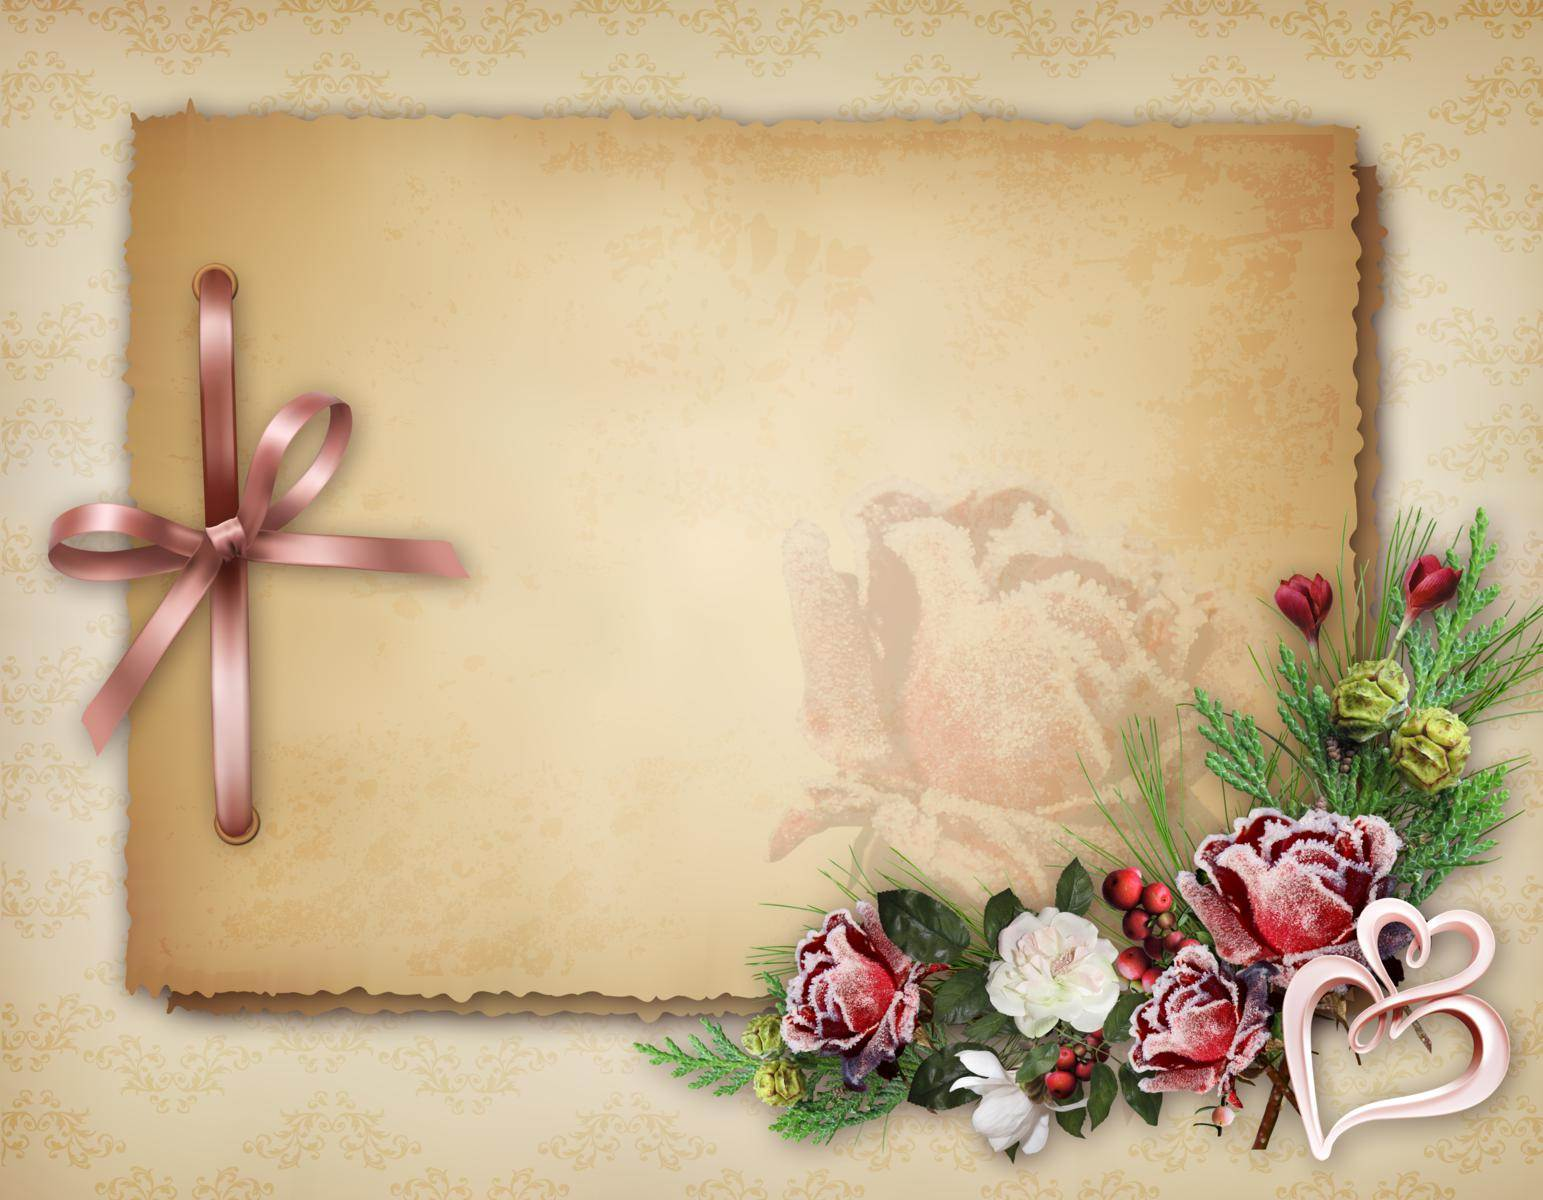 Надя богданова, с днем рождения макет открытка